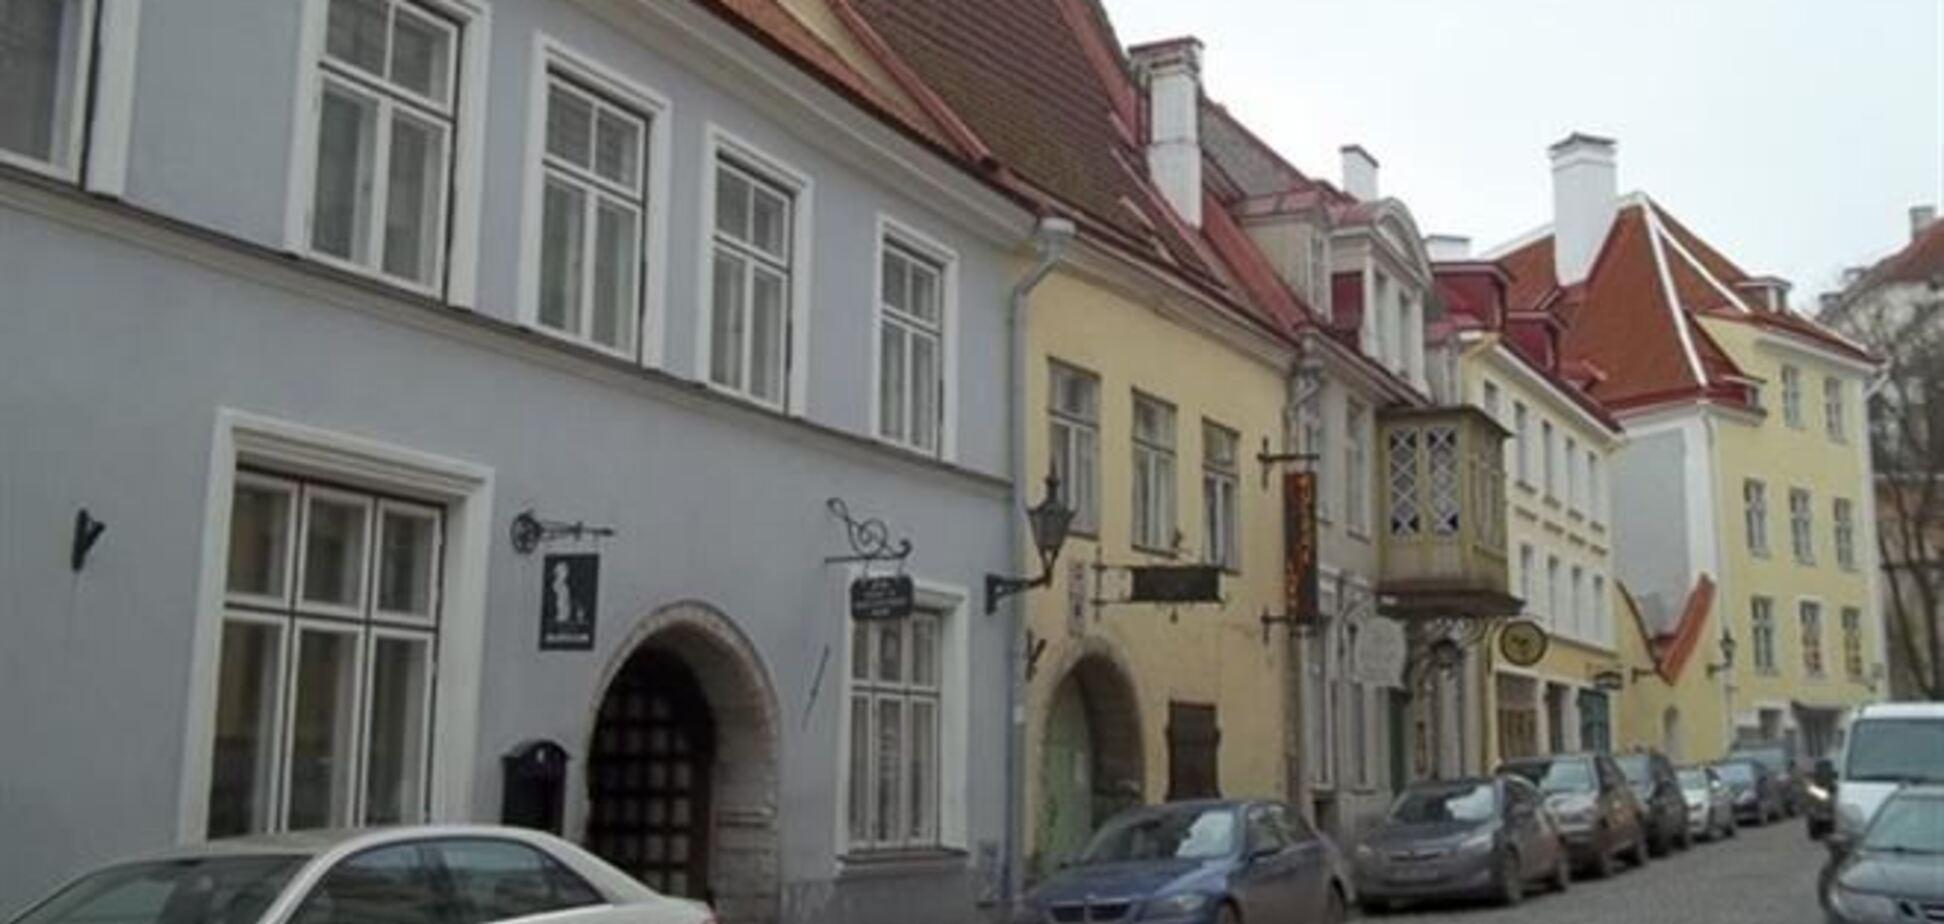 Оборот по сделкам с недвижимостью в Эстонии побил рекорд пятилетней давности